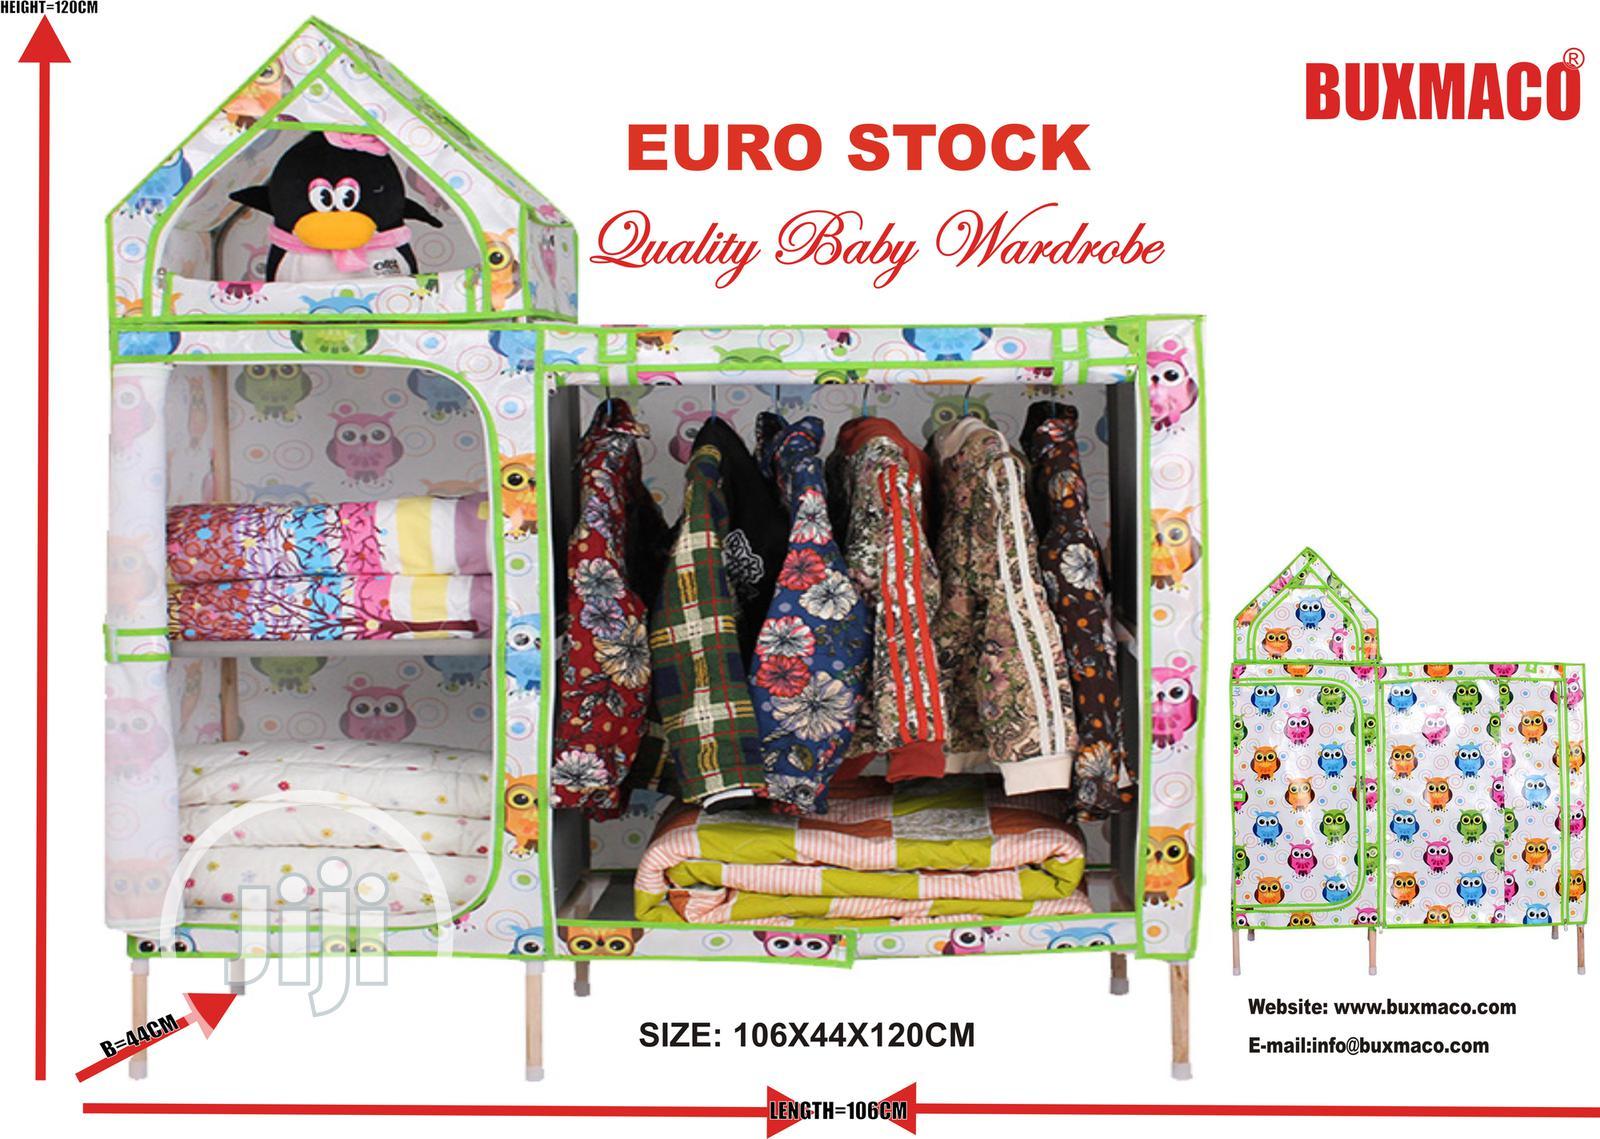 Children & Baby Wardrobe